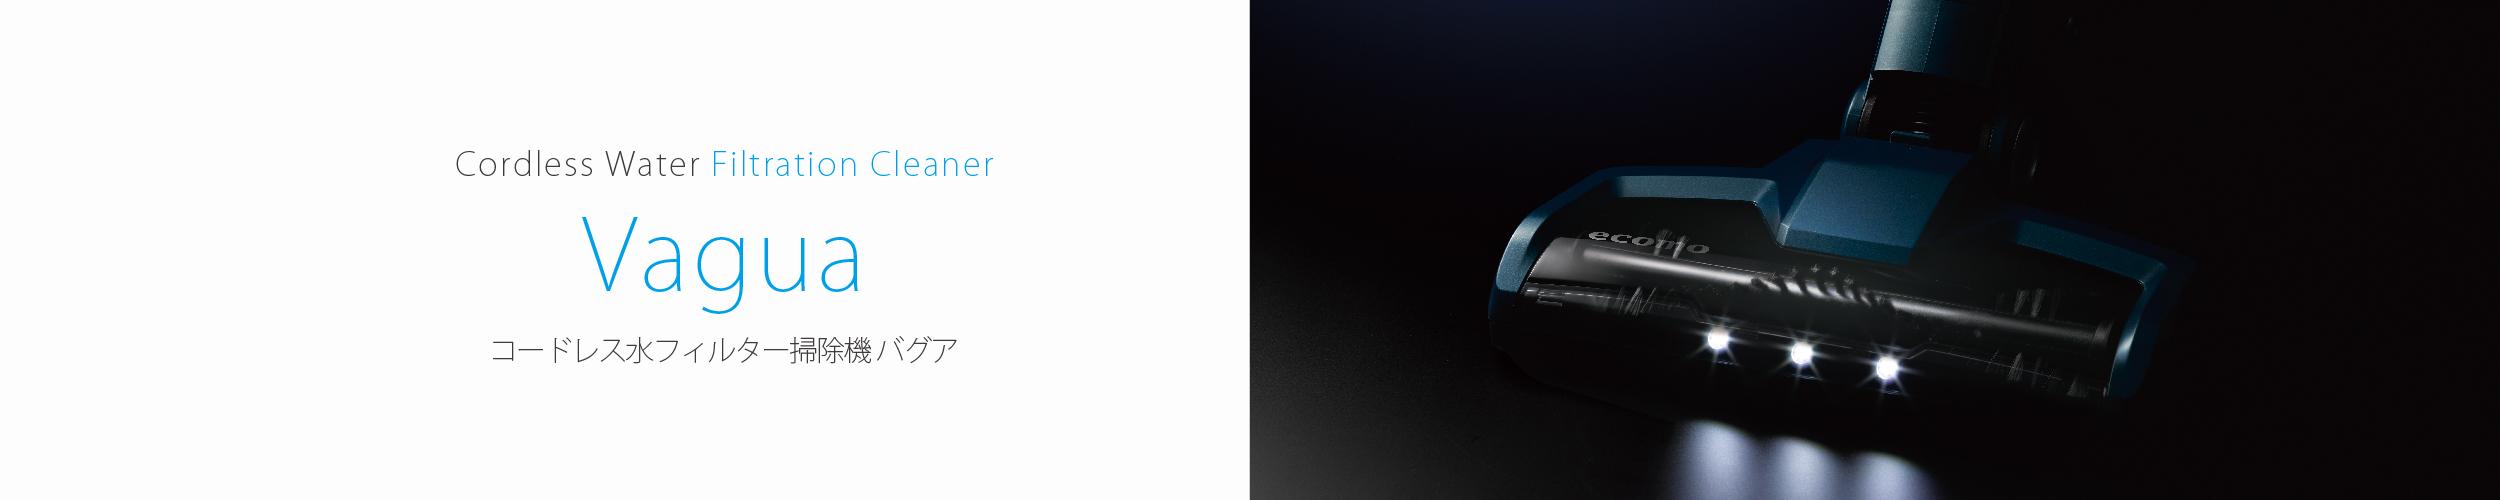 コードレス ウォーターフィルタレーションクリーナー [Vagua バグア]